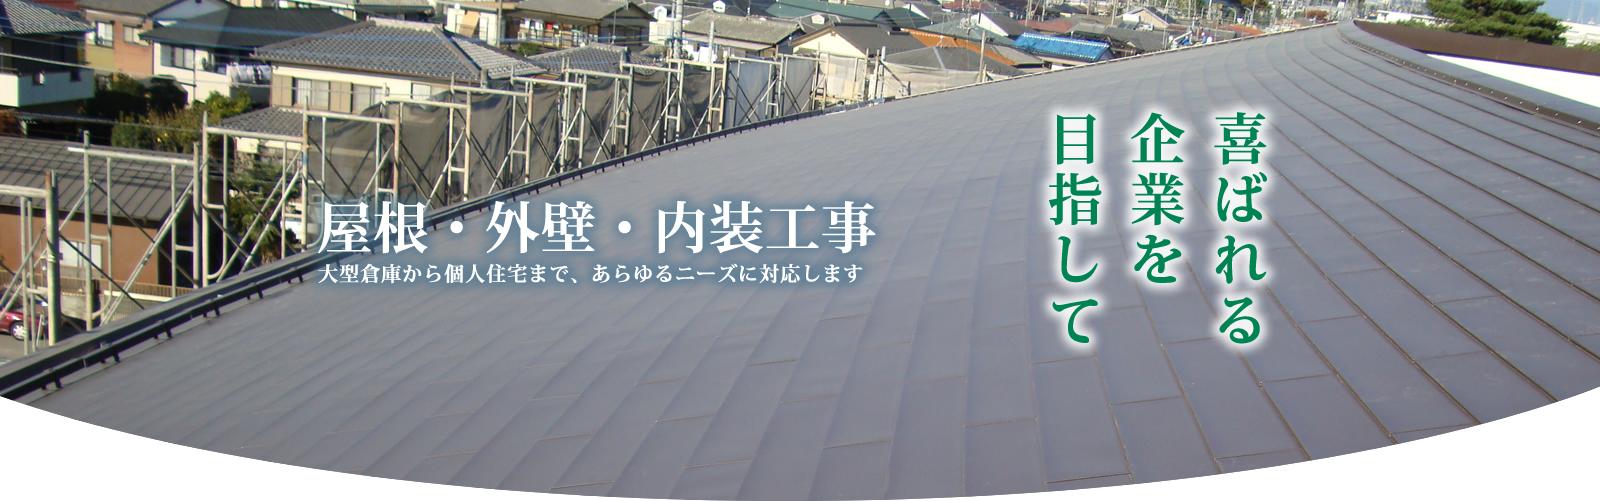 喜ばれる企業を目指して・・・・屋根・外壁・内装工事 大型倉庫から個人住宅まで、あらゆるニーズに対応します。